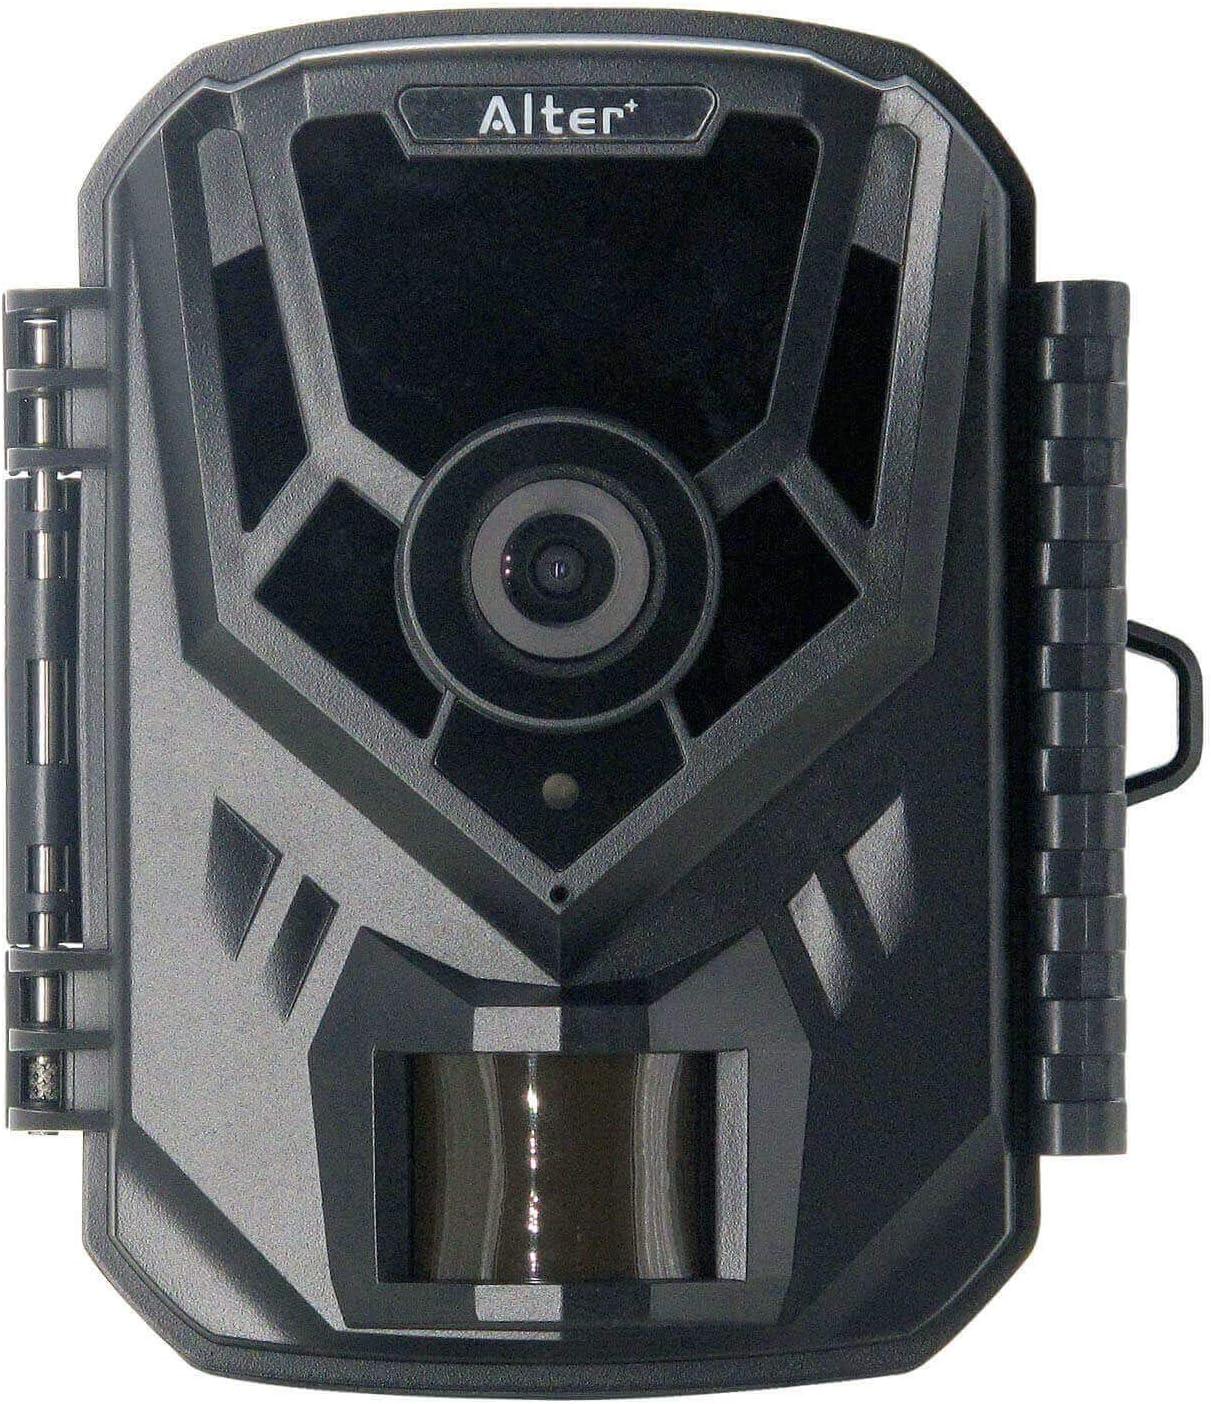 キャロットシステムズ 電池式センサーカメラ MOVE SHOT AT-1